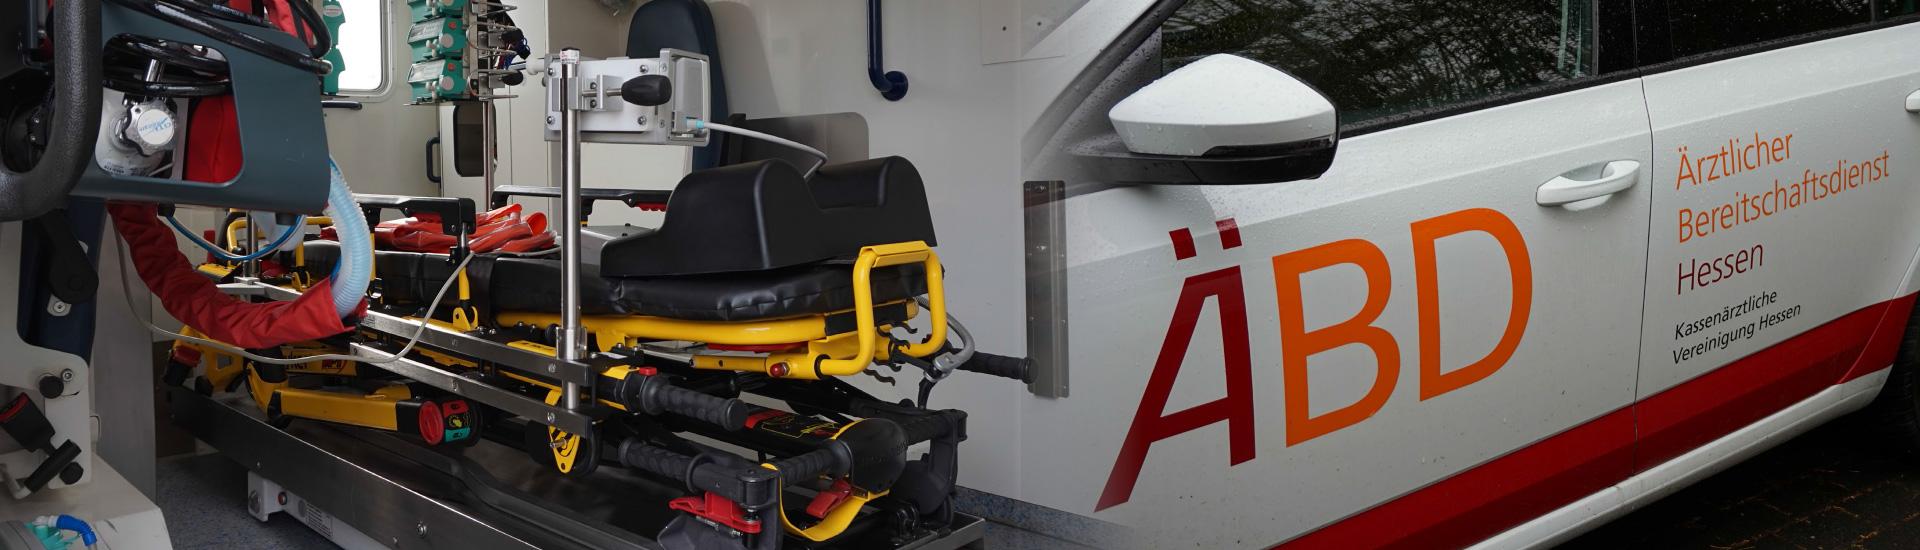 Kunden der APV-Zertifizierungs GmbH: Rettungsdienst und ärztlicher Bereitschaftsdienst